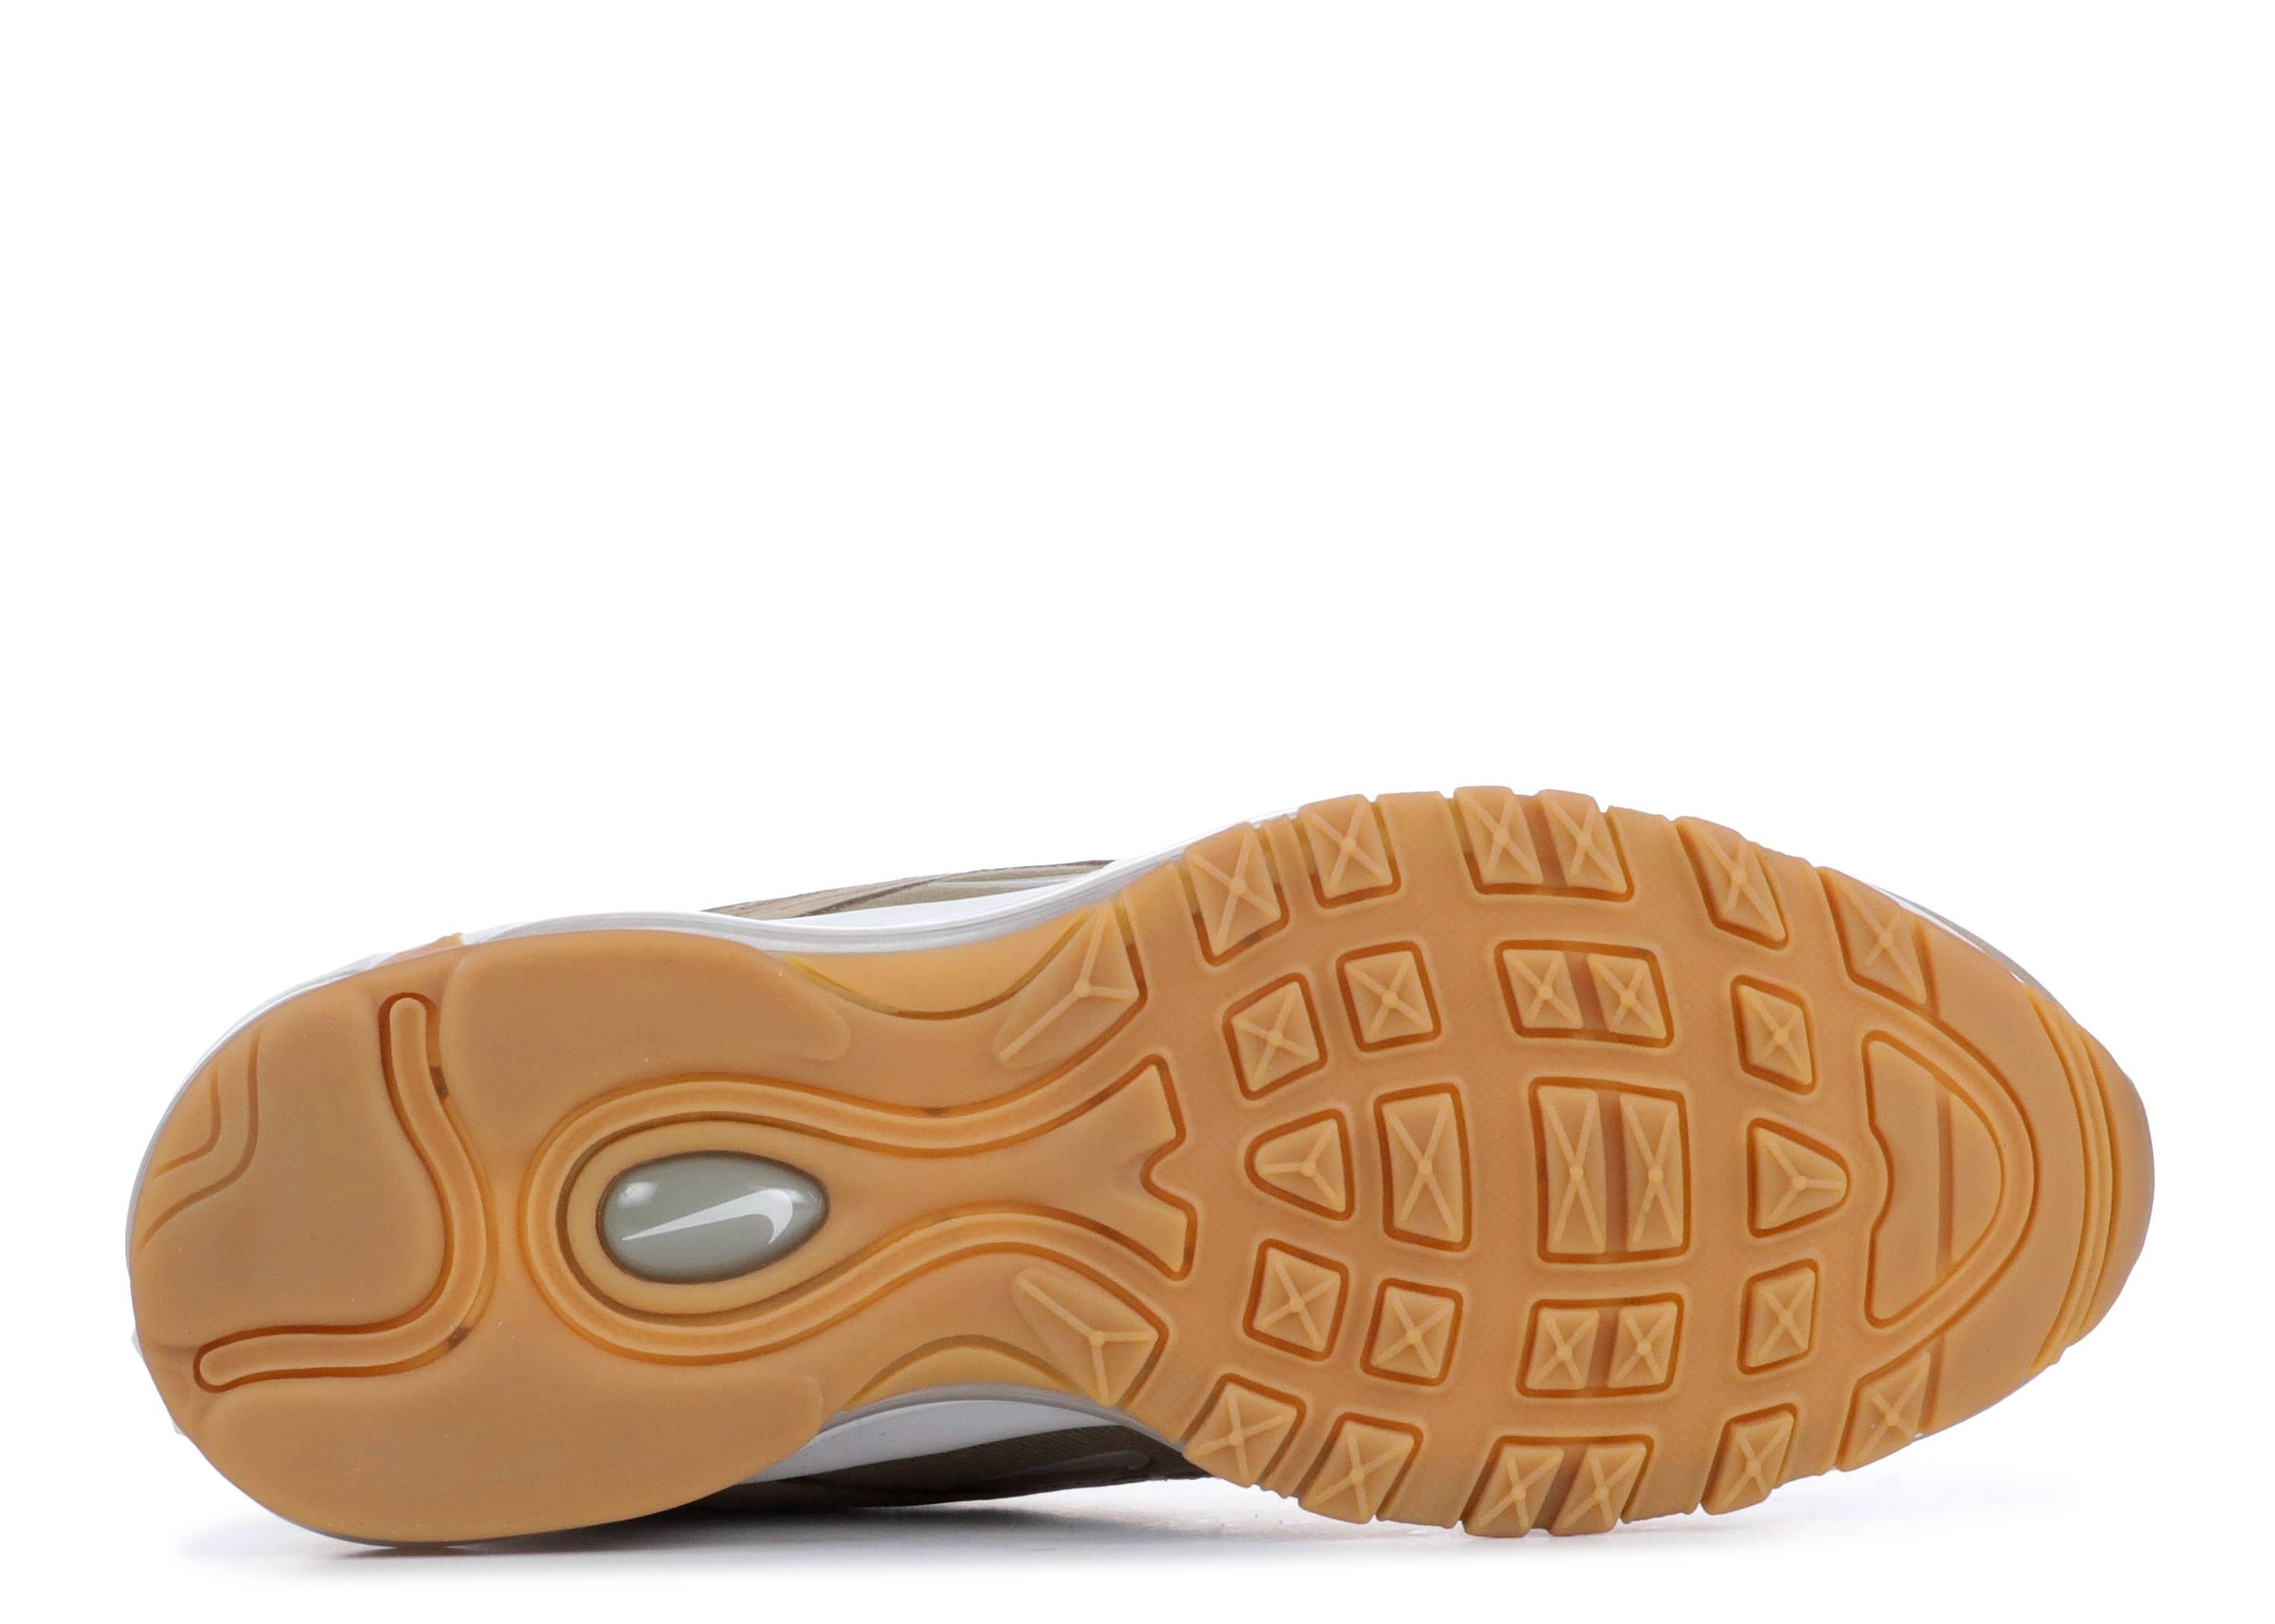 e14835c7f2 W Air Max 97 Ut - Nike - aj2248 200 - khaki/light bone | Flight Club